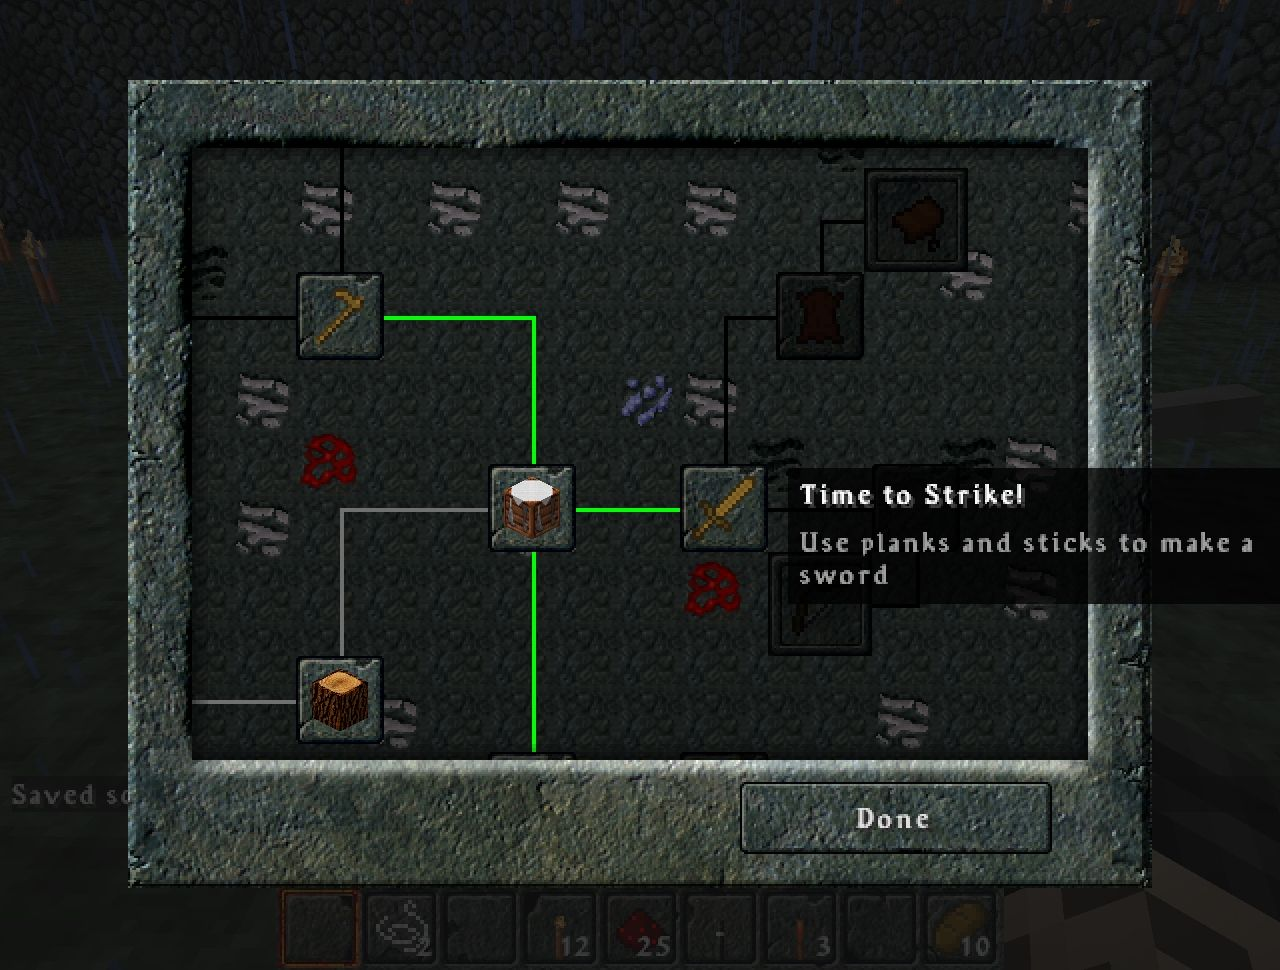 http://minecraft-forum.net/wp-content/uploads/2013/09/a9f27__Baldurs-craft-pack-4.jpg